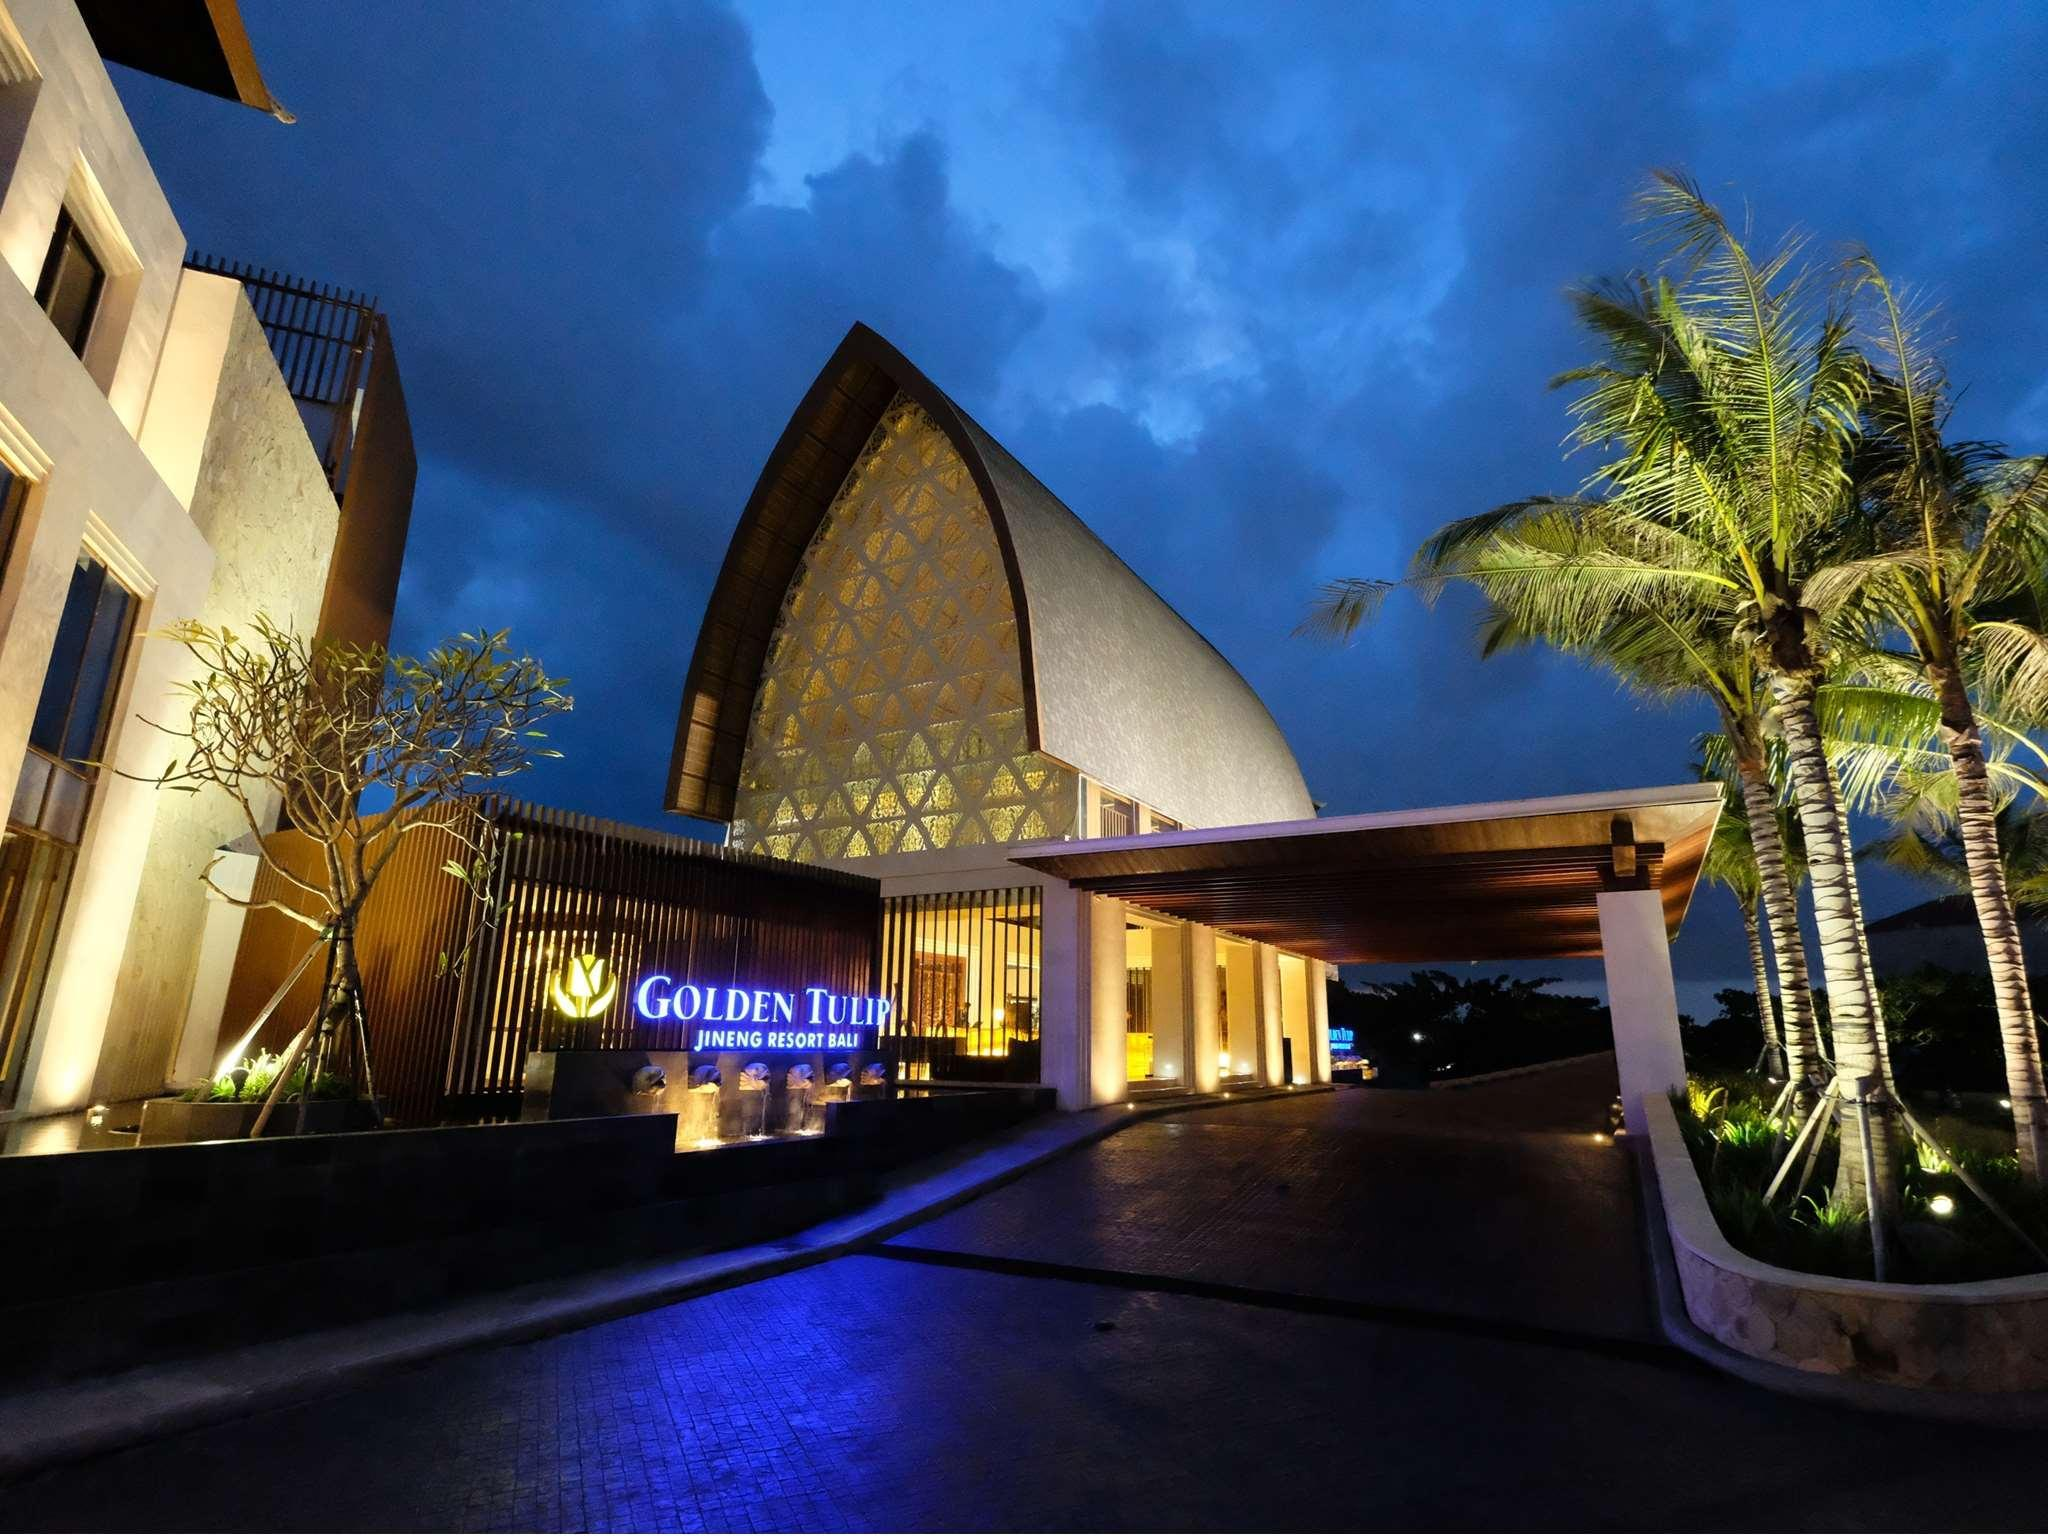 Golden Tulip Jineng Resort